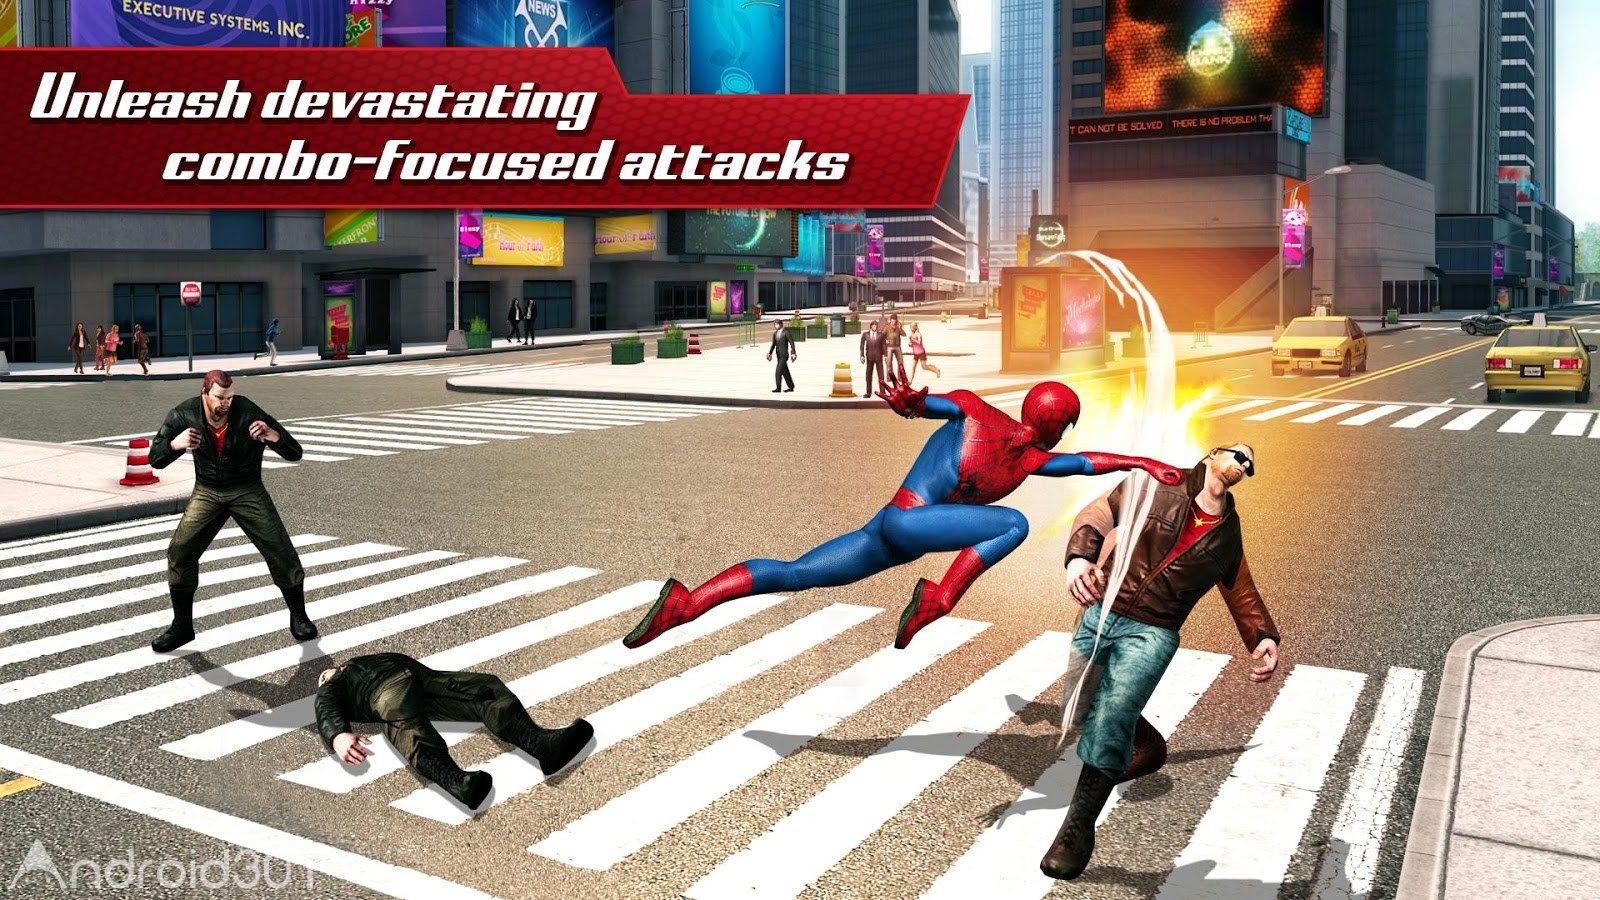 دانلود  The Amazing Spider-Man2 v1.2.8d – بازی مرد عنکبوتی شگفت انگیز ۲ اندروید